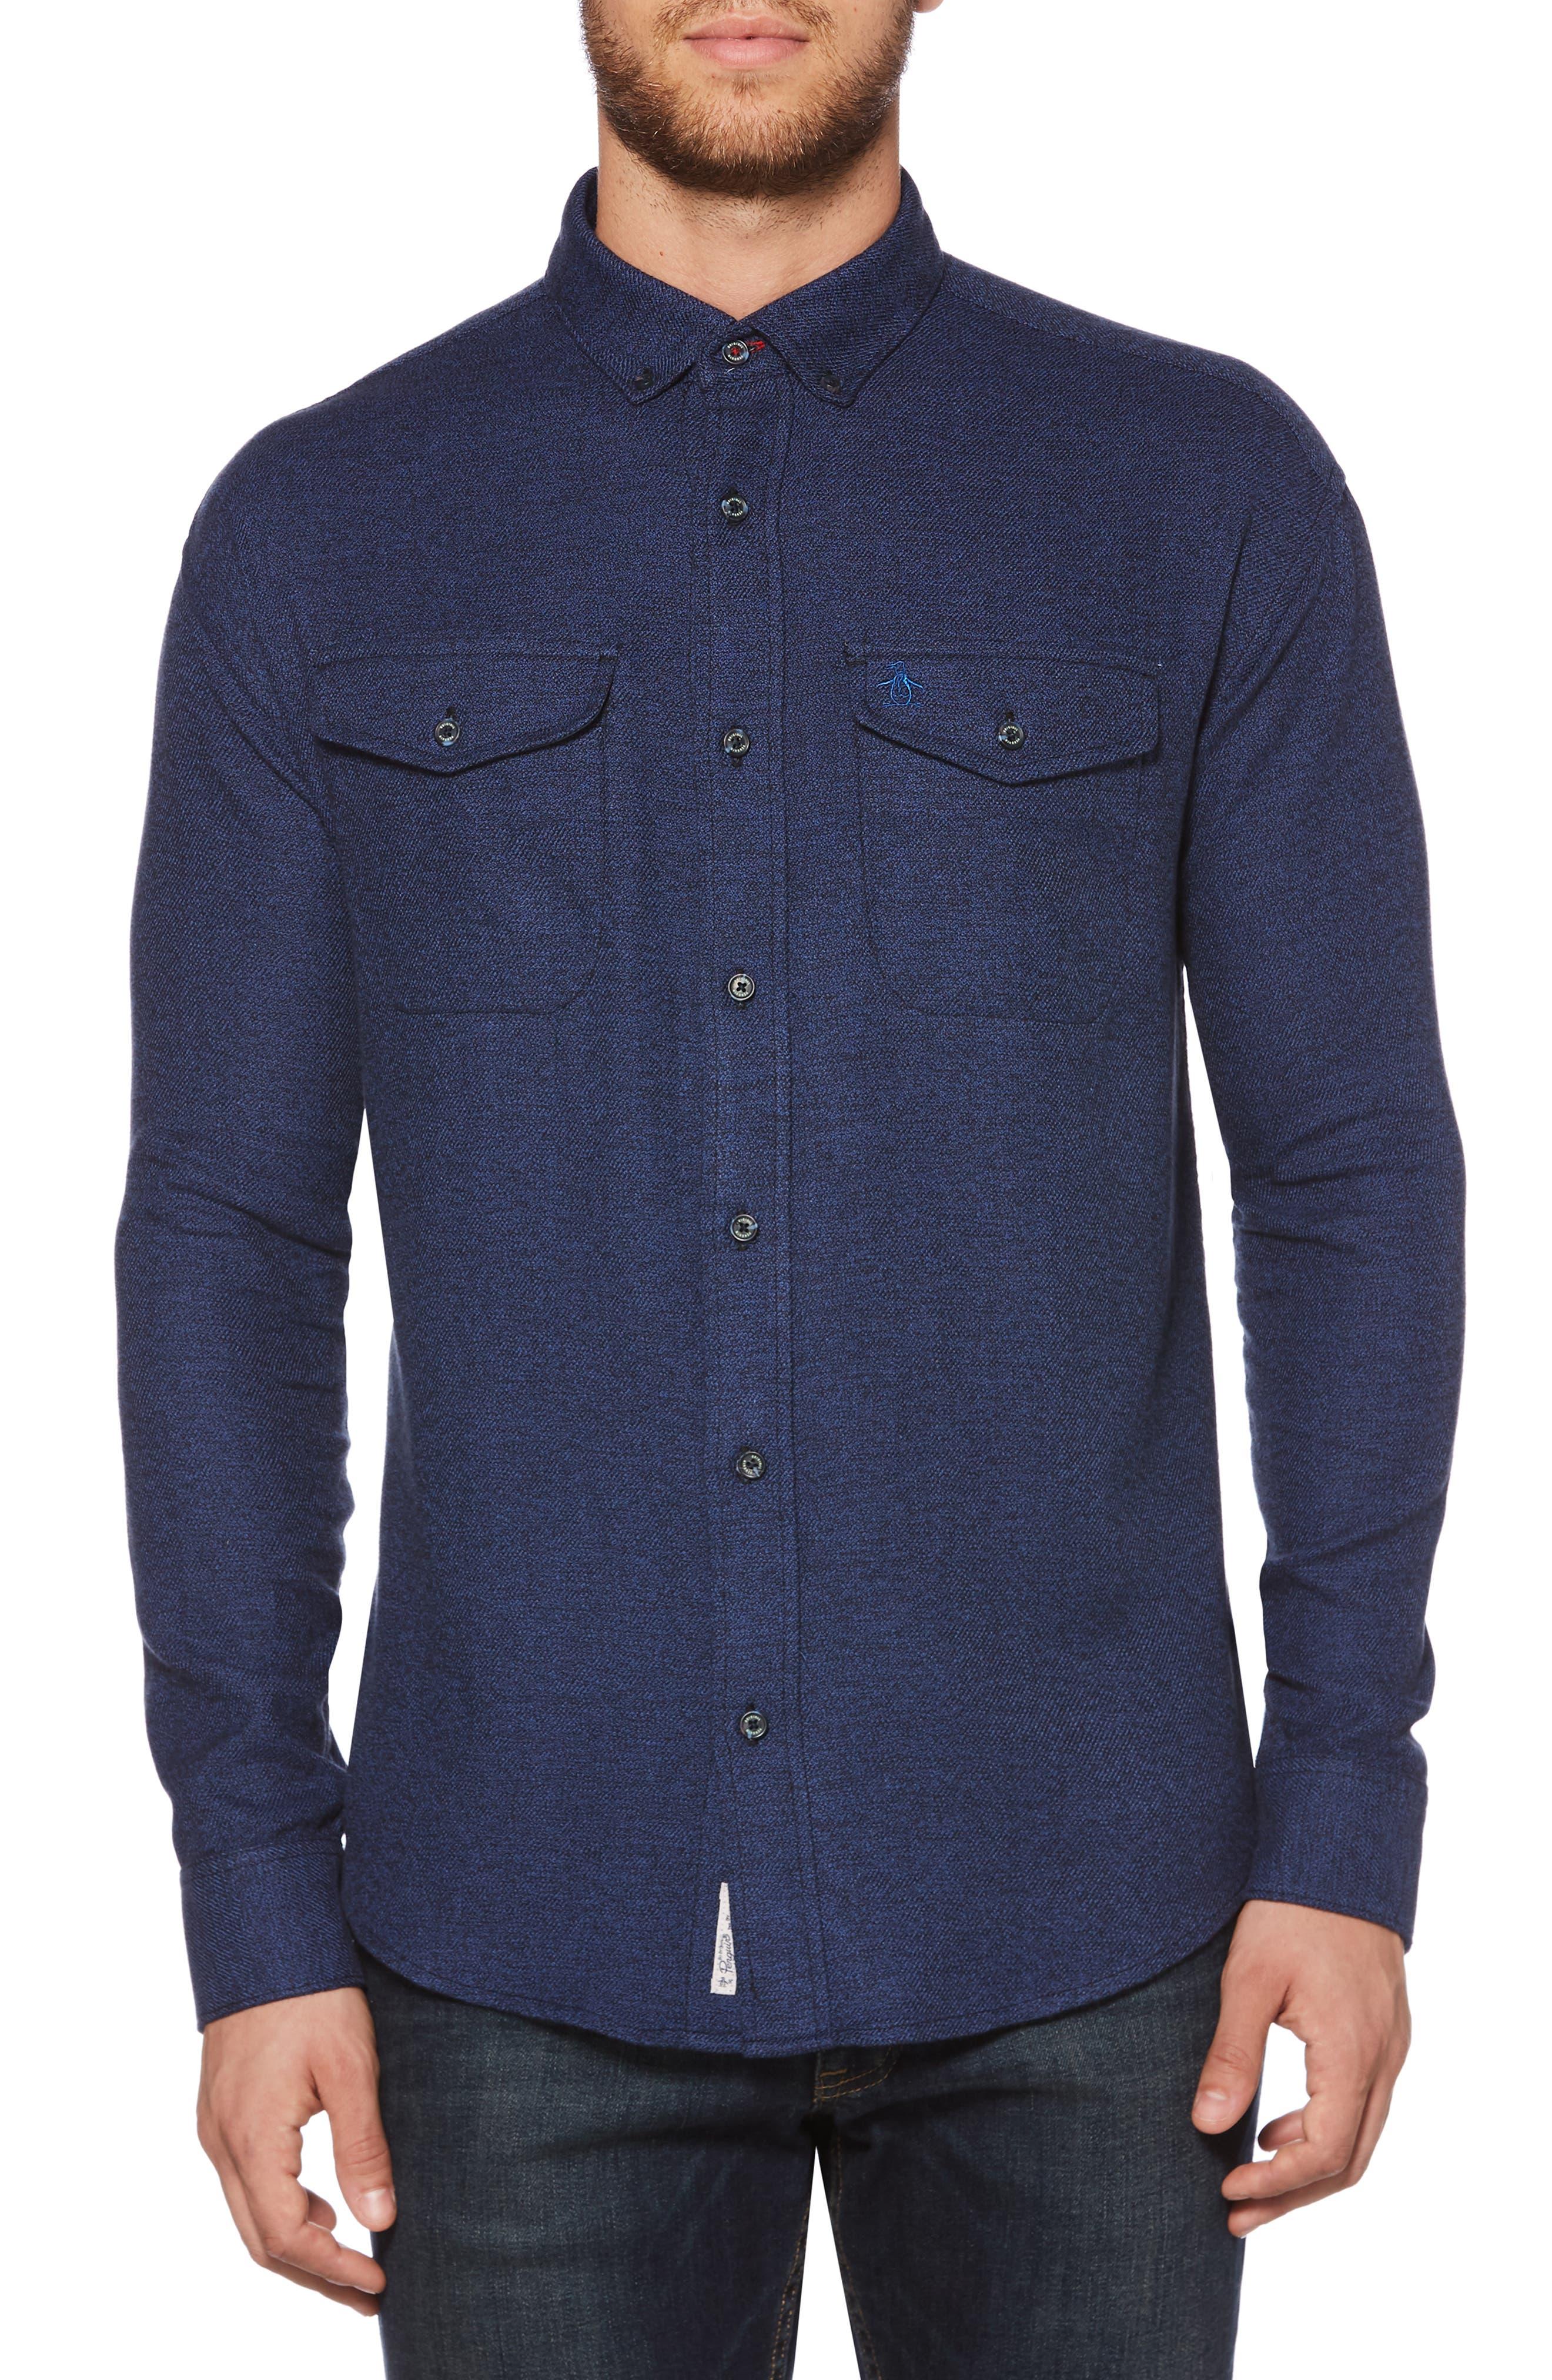 Jaspé Stretch Flannel Sport Shirt,                             Main thumbnail 1, color,                             CLASSIC BLUE